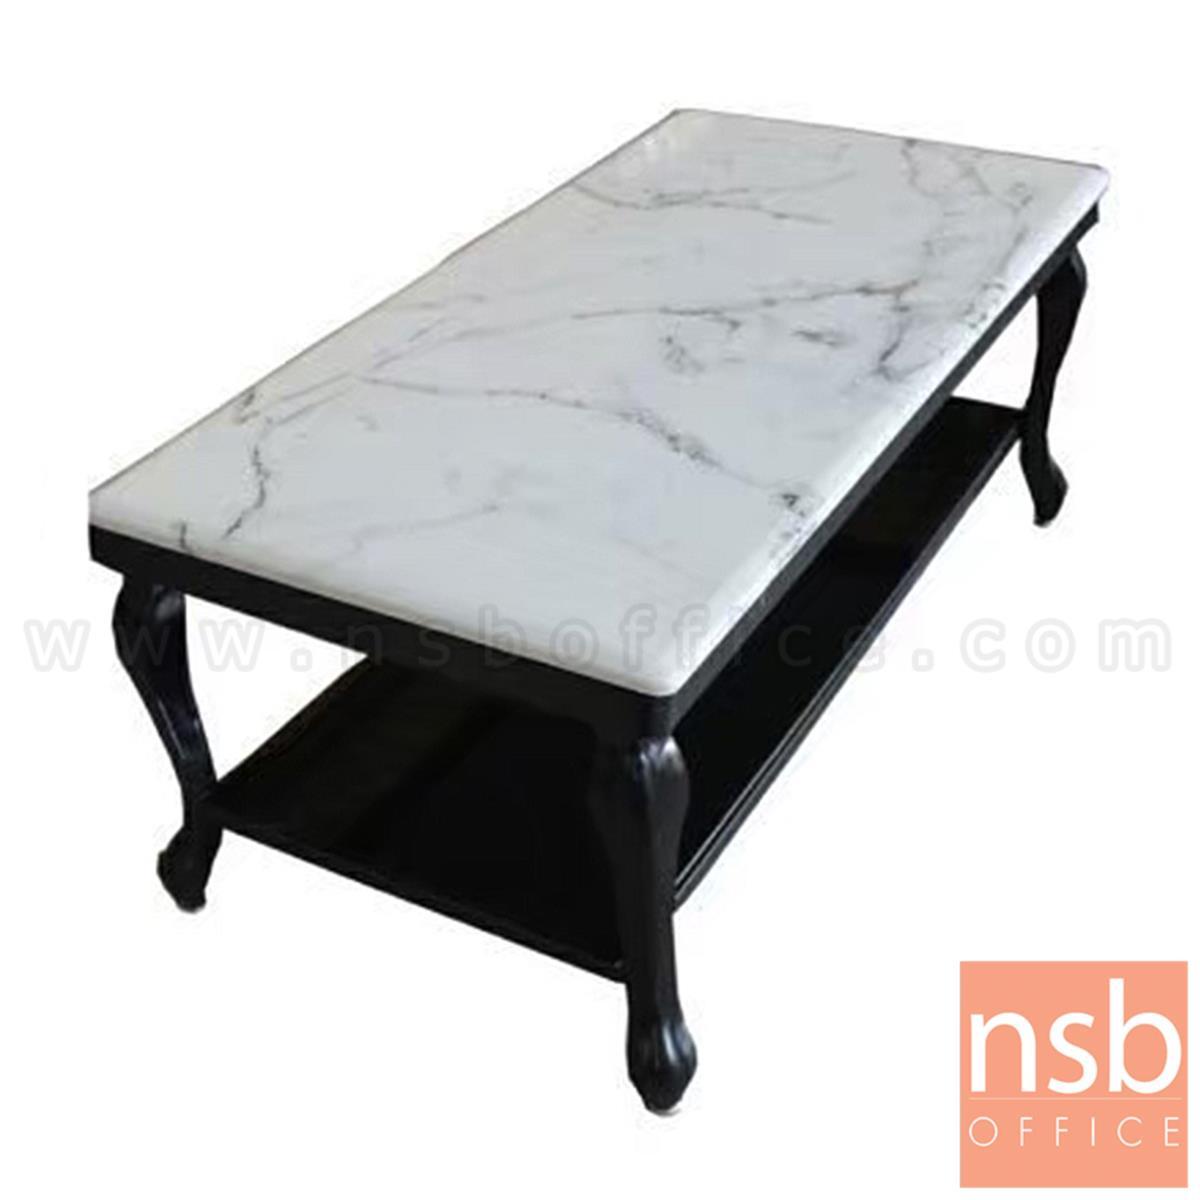 โต๊ะกลางหน้าหินอ่อน รุ่น Majesty (มาเจสตี้) ขนาด 110W cm. ขาเหล็ก